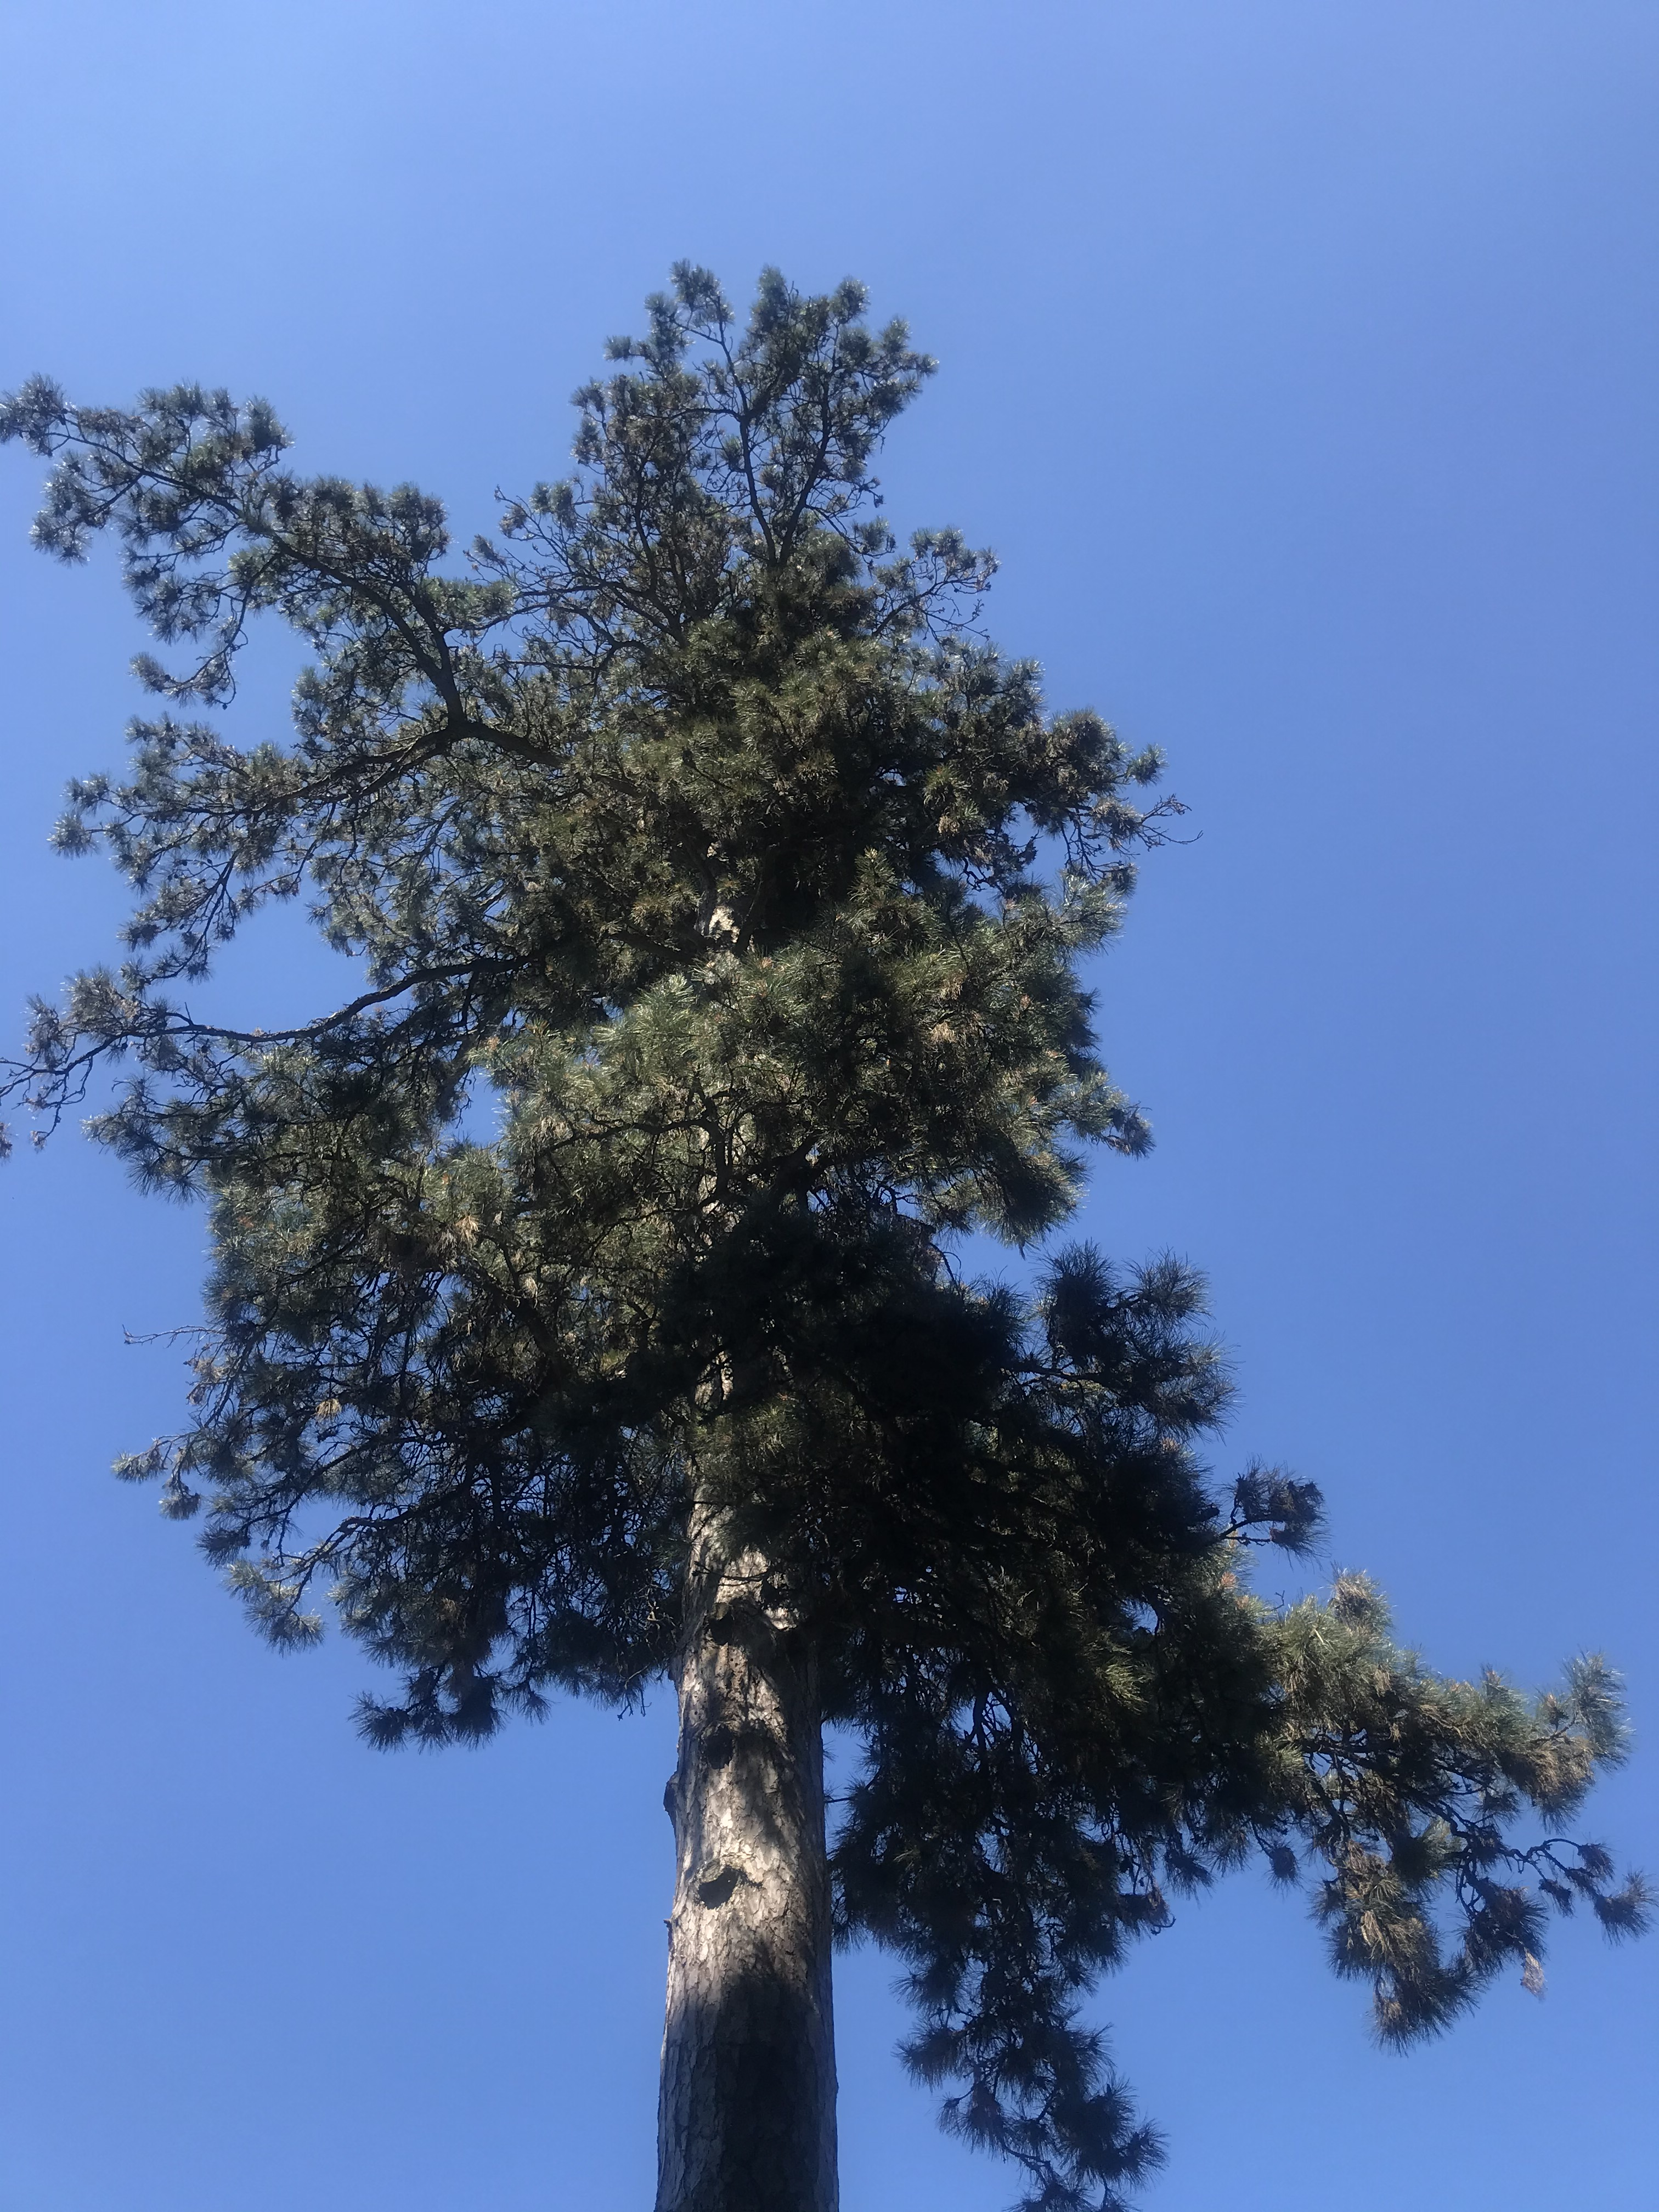 alberi-parco-pallavicino-stresa-italia